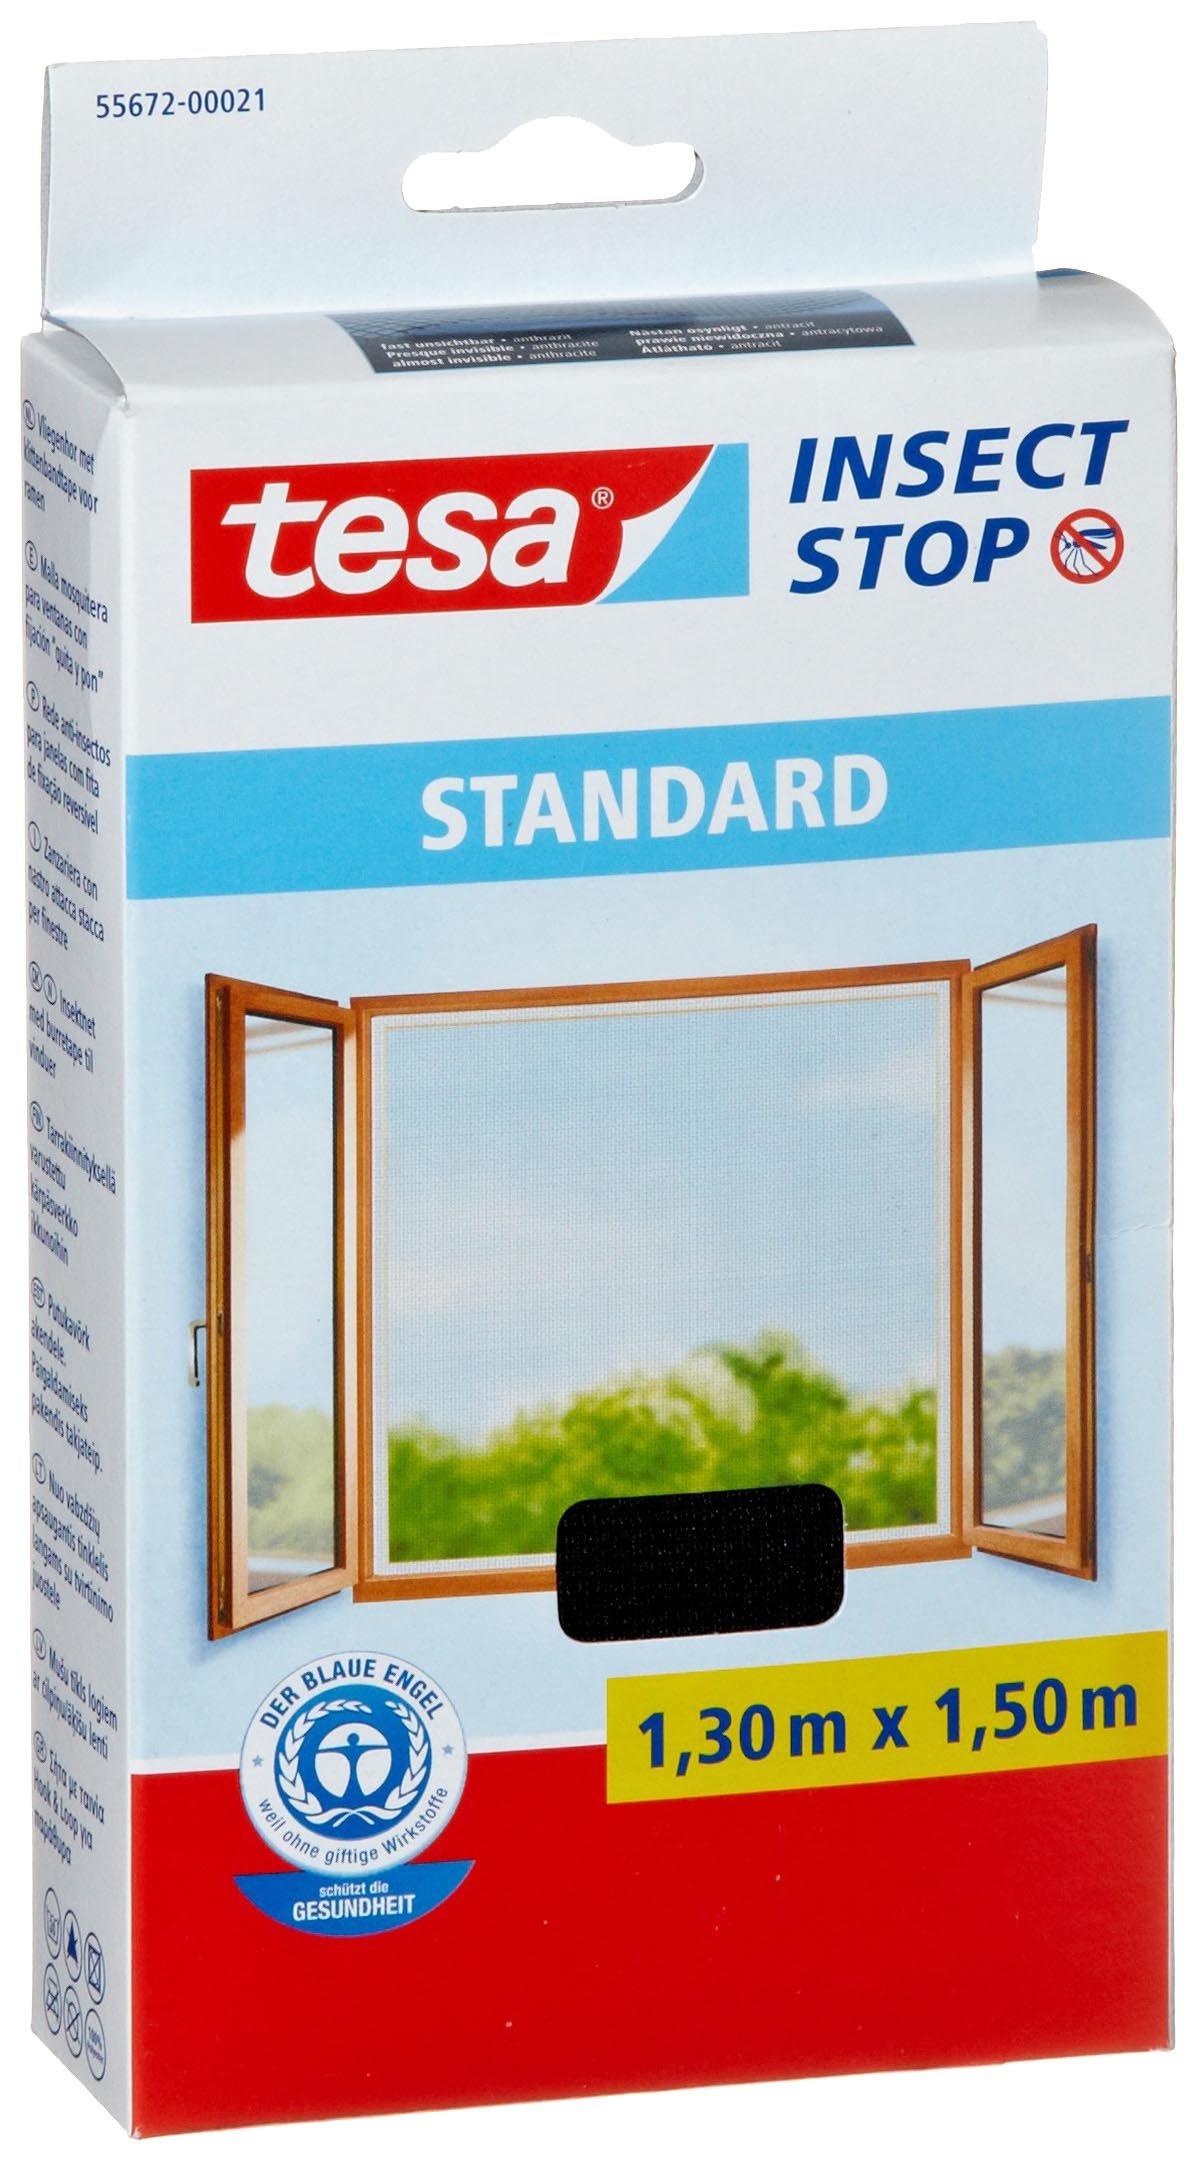 accessoires pour fen tres guide d achat classement tests et avis. Black Bedroom Furniture Sets. Home Design Ideas